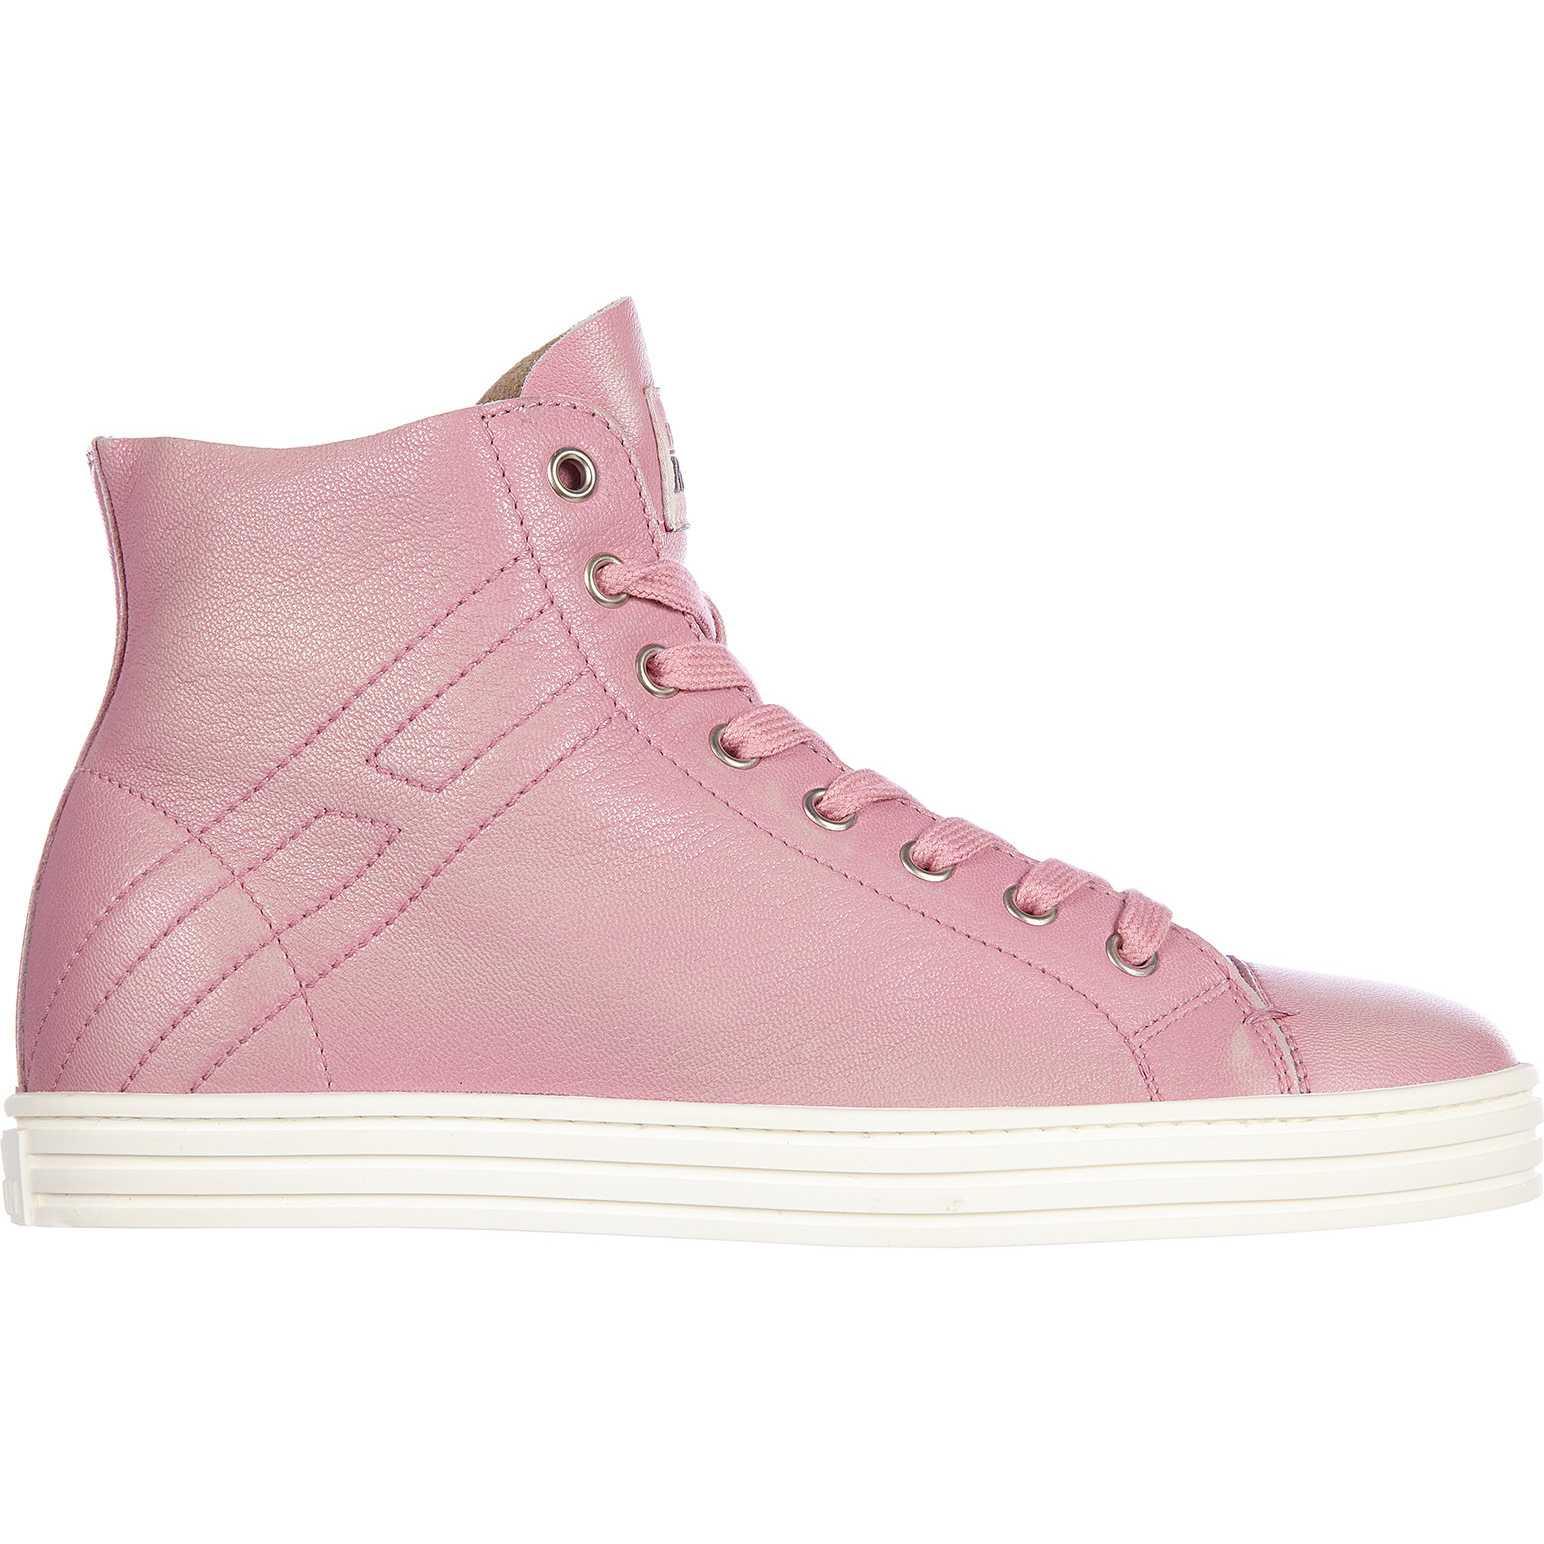 Hogan Rebel High Top Sneakers R182 Rebel Vintage Pink pentru dama